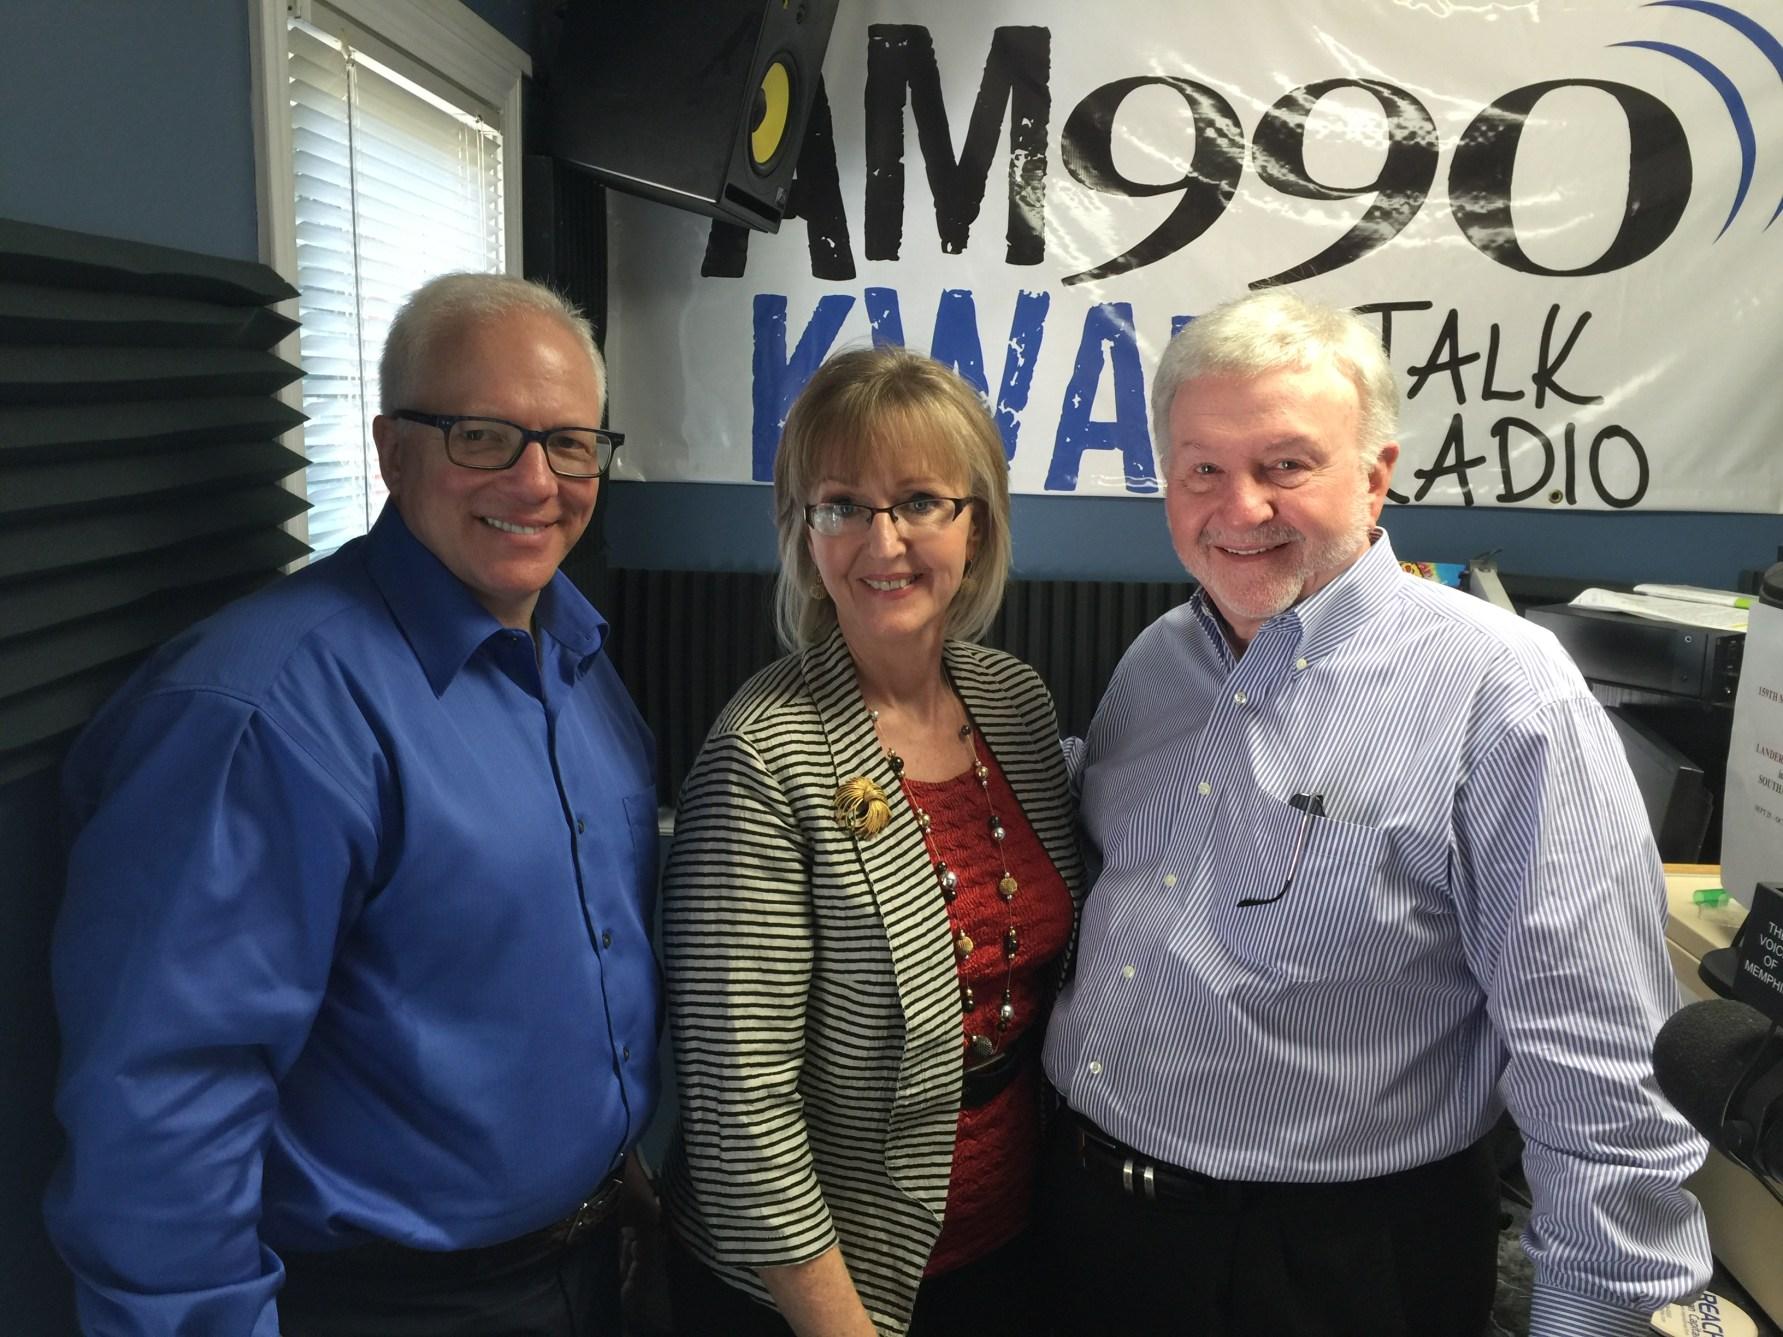 Ford Saeks on KWAM Talk Radio